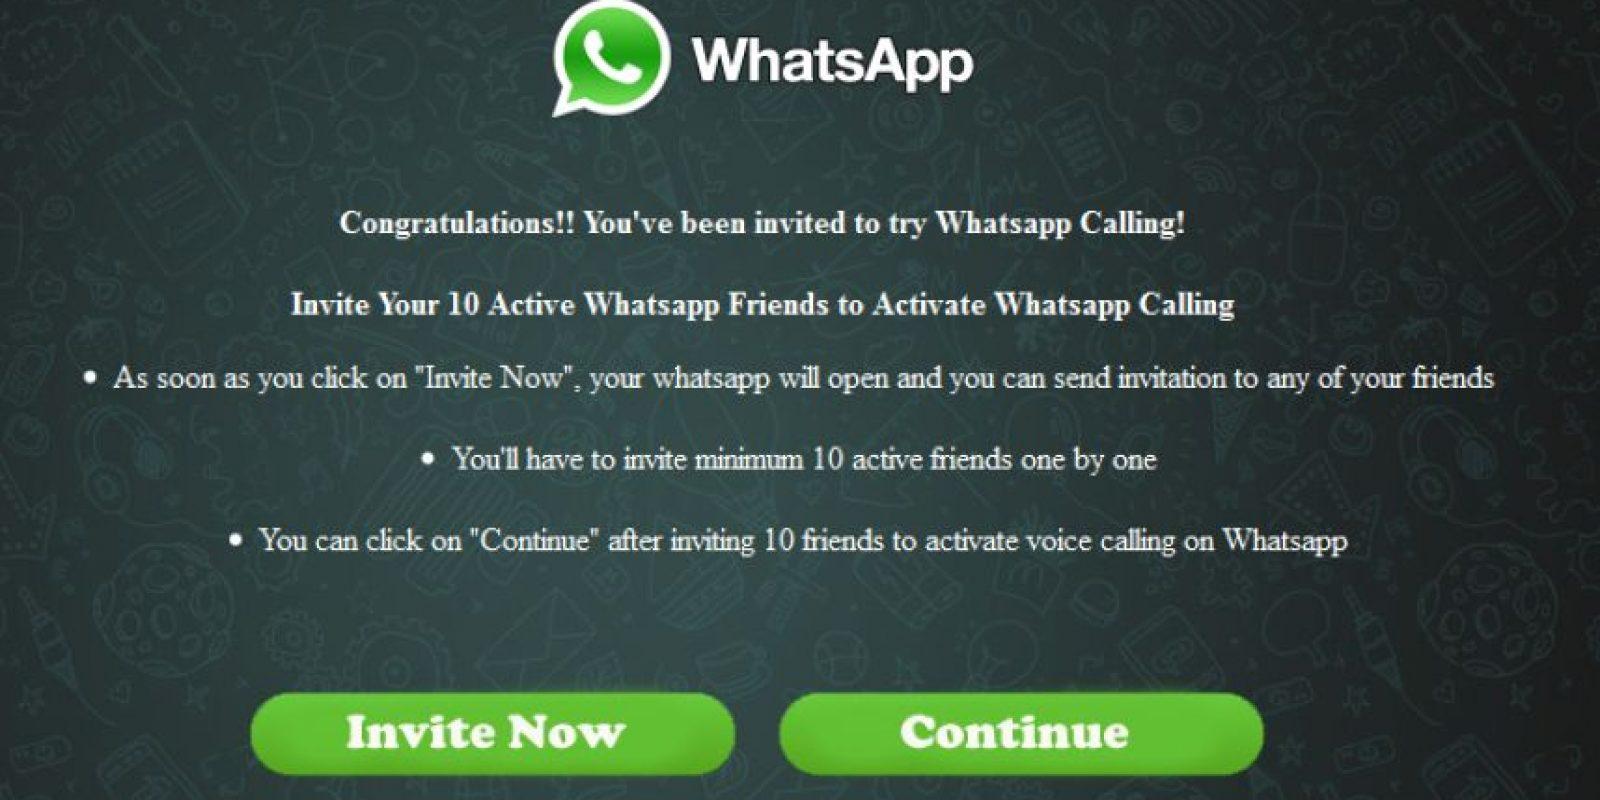 Este es el mensaje de bienvenida con el que muchos han caído por la urgencia de activar las llamadas gratuitas de WhatsApp. Foto:whatsapp-scam